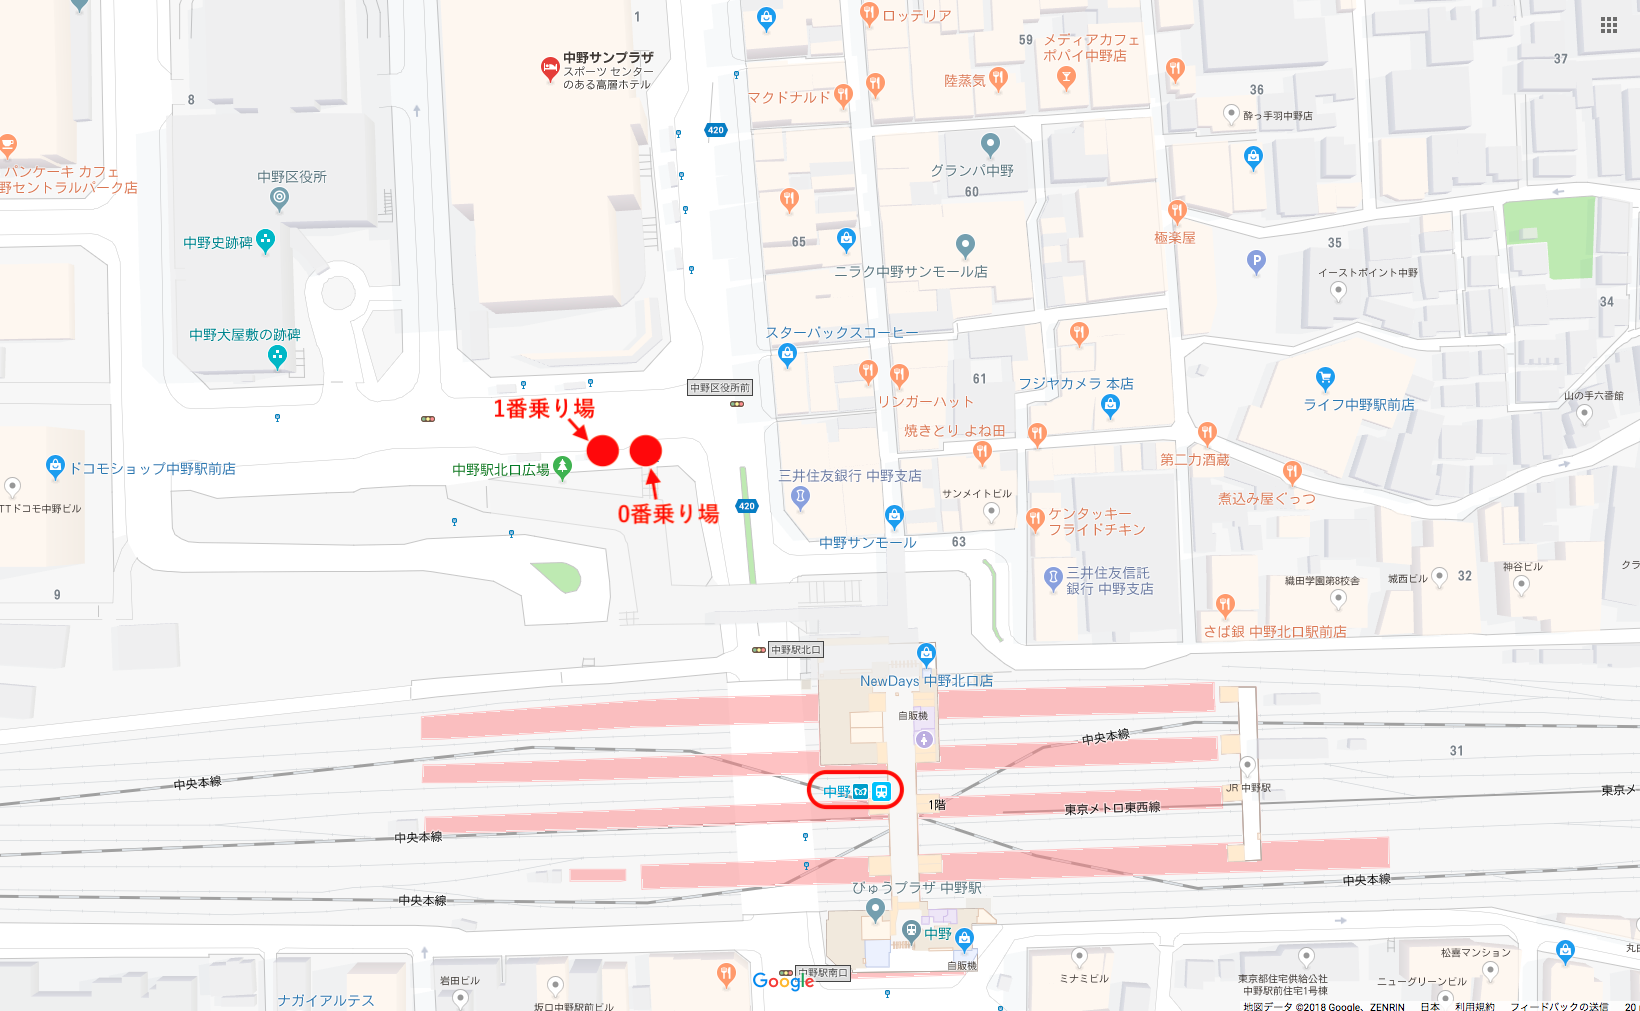 中野駅バス停Map